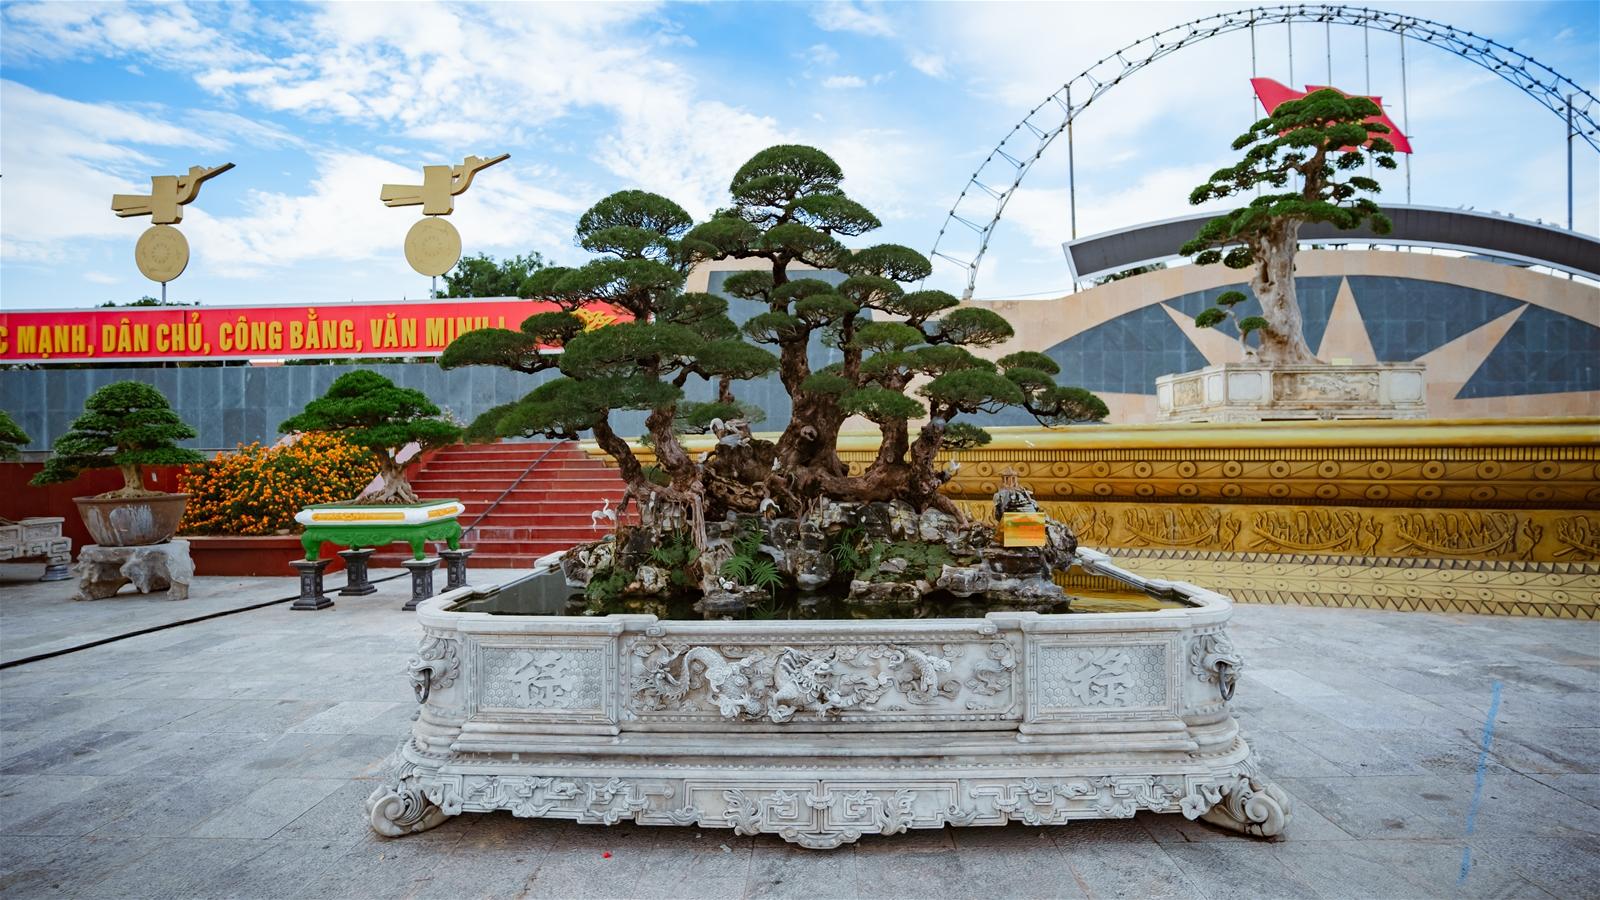 Festival cây cảnh – đá quý – đá phong thủy quy tụ hàng nghìn cây cảnh độc đáo